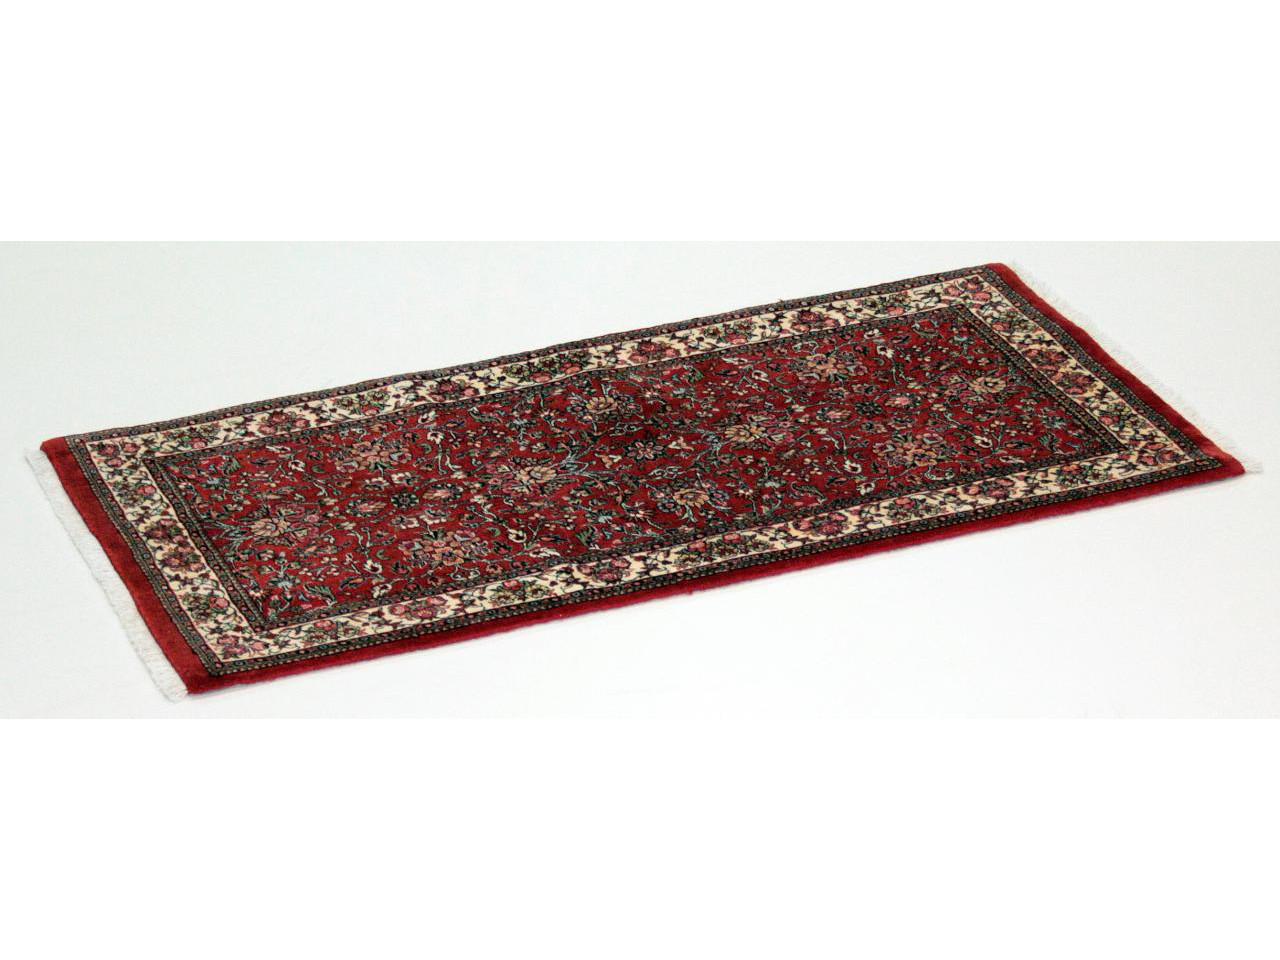 Bidjar Fin Tapis persans - Nu00b028716 - 154x70cm